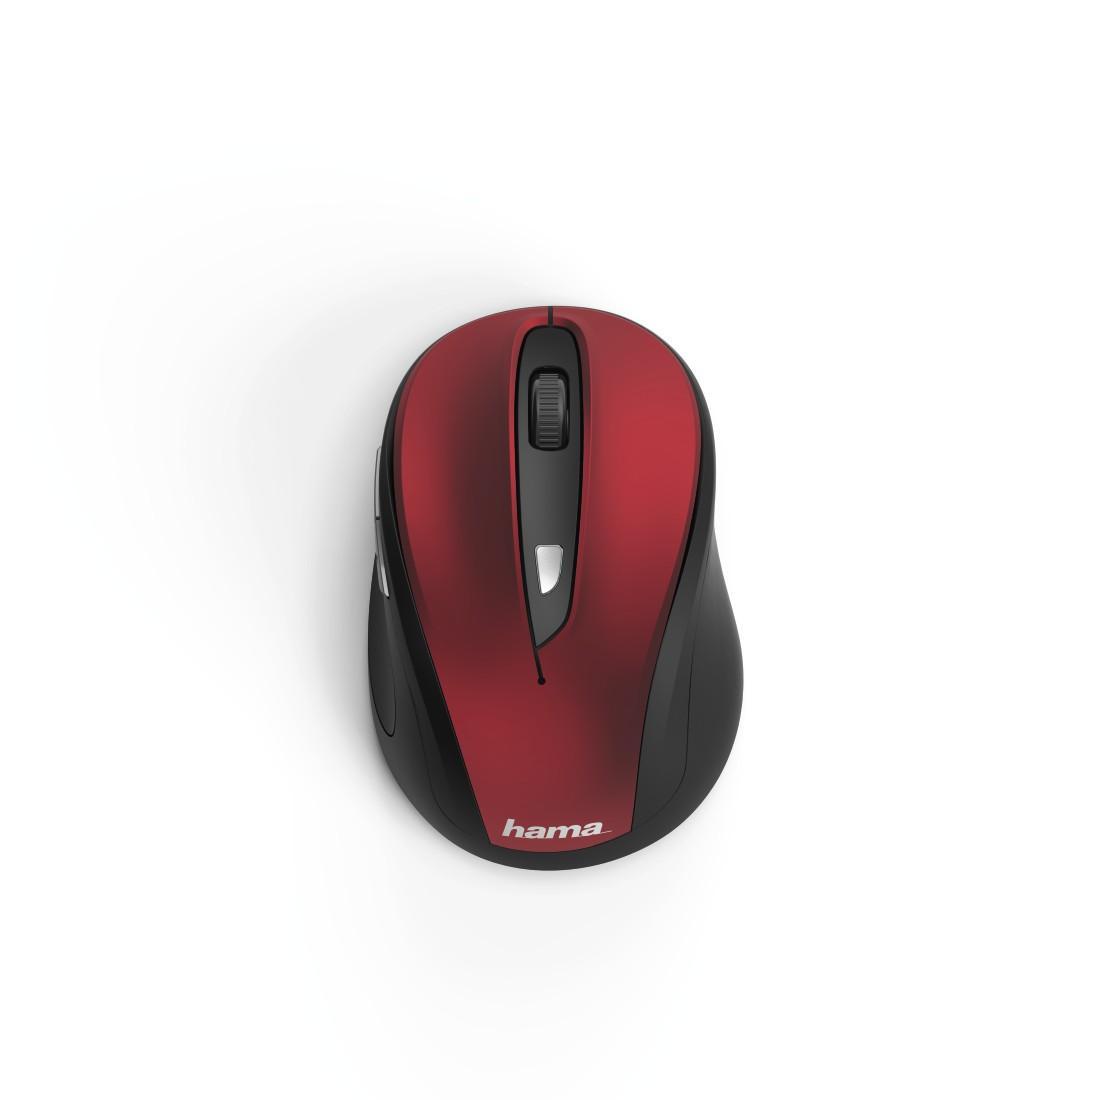 Безжична оптична мишка HAMA MW-400, USB, 1200/1600/800 dpi, Червен/Черен